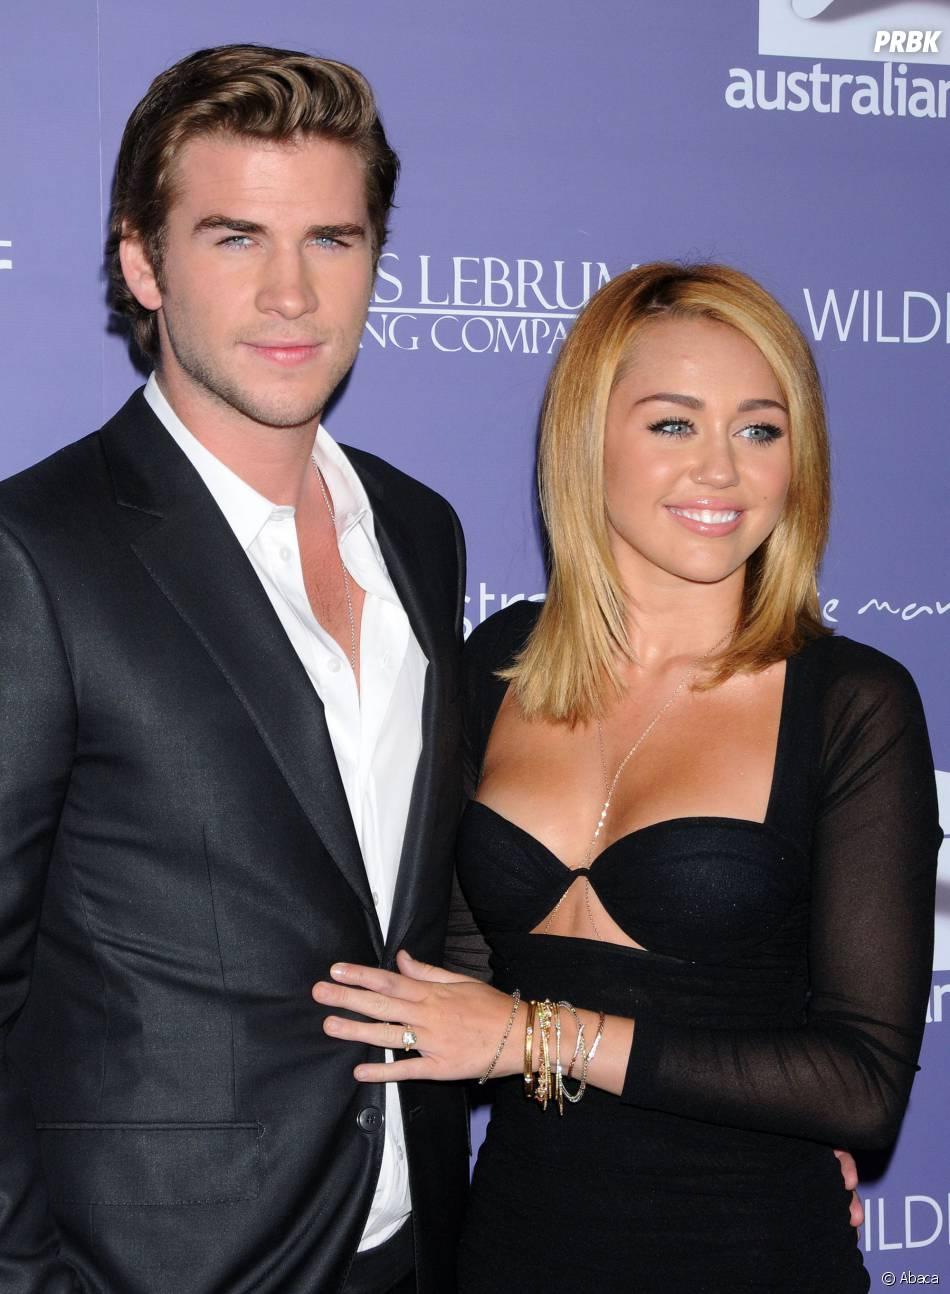 Miley Cyrus et Liam Hemsworth : mauvaise ambiance entre les deux ex